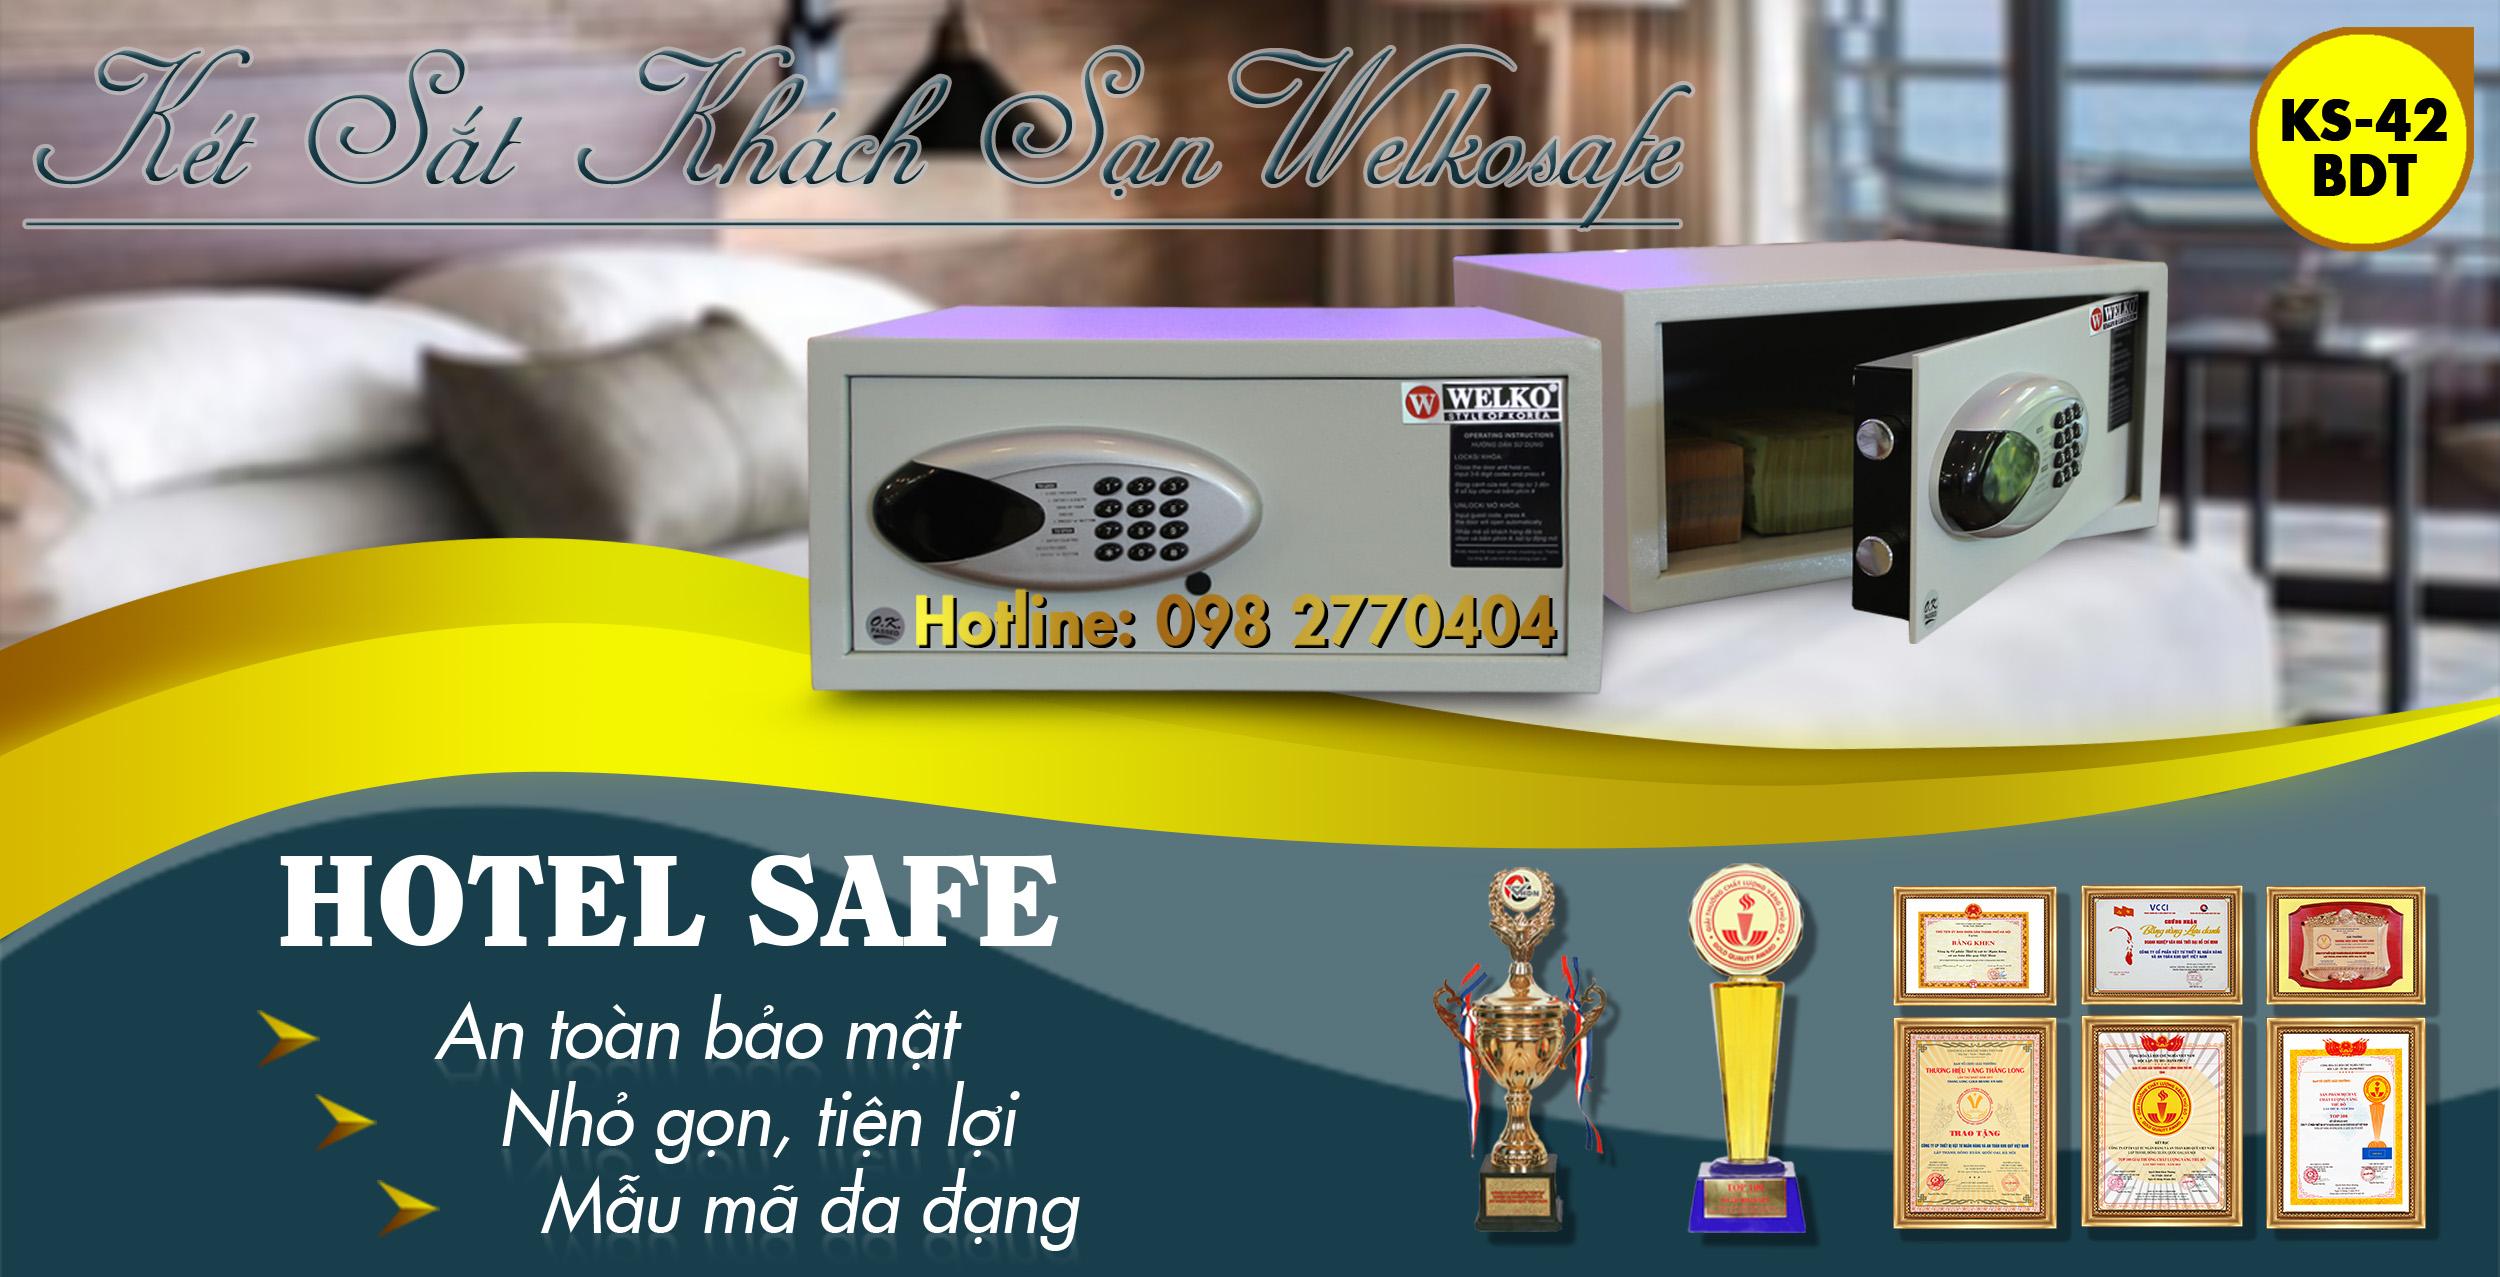 hình ảnh sản phẩm két sắt khách sạn hs25 d key